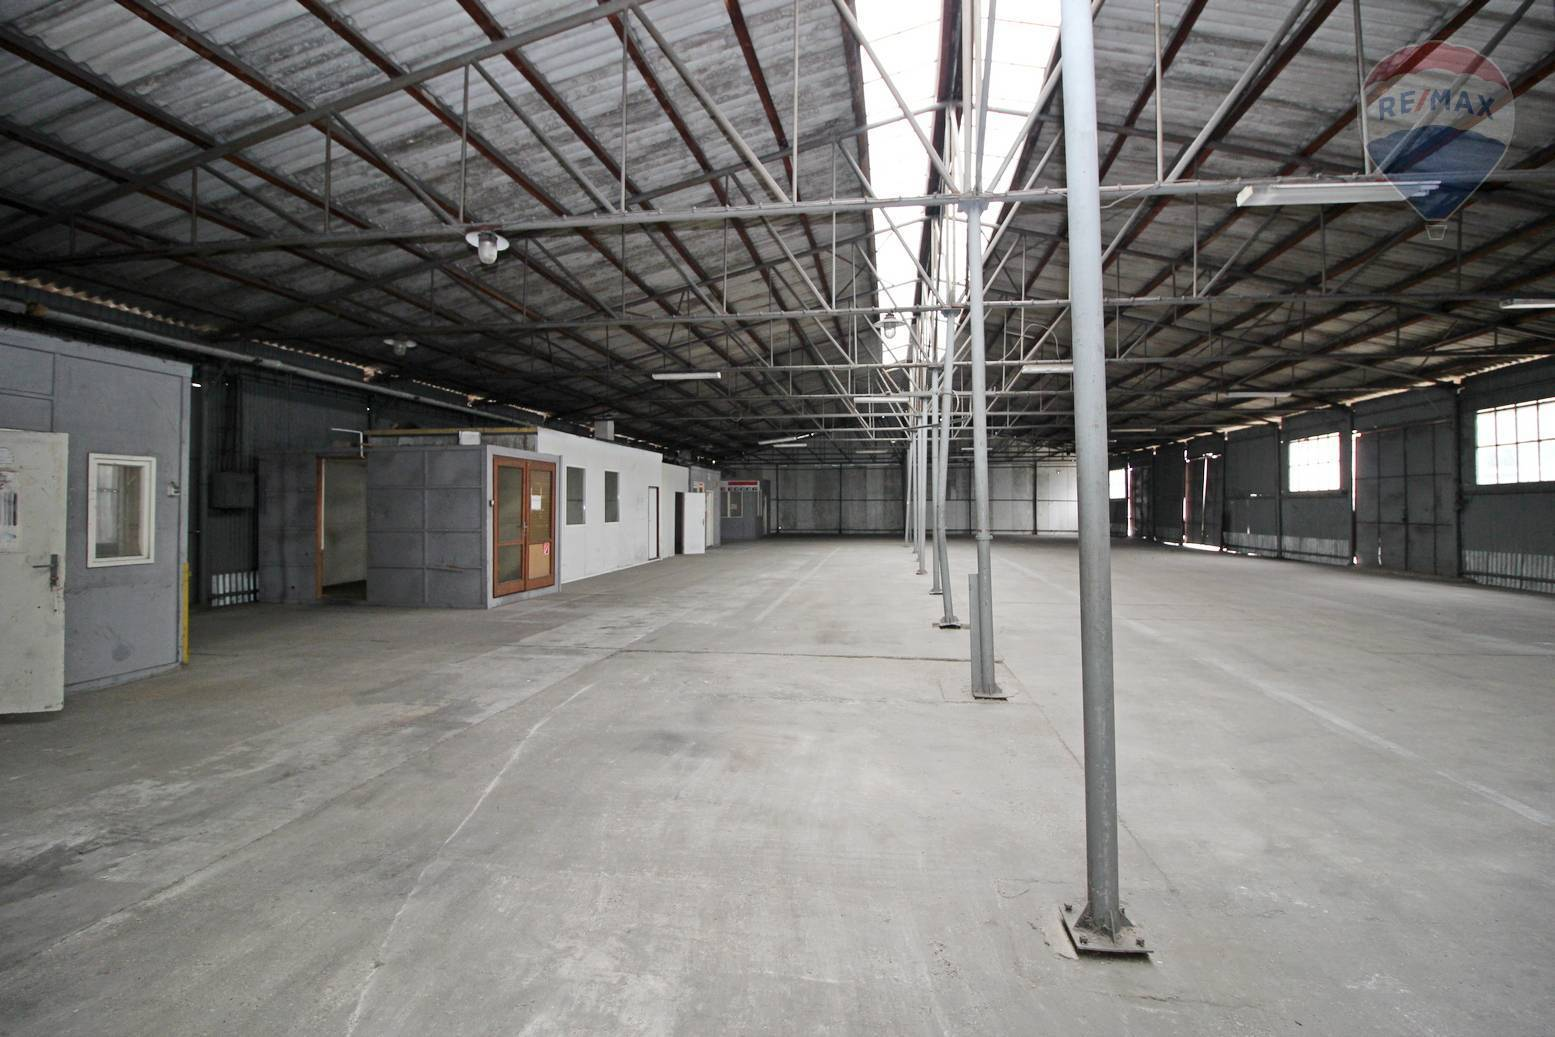 Skladový priestor na prenájom Galanta 1375 m2